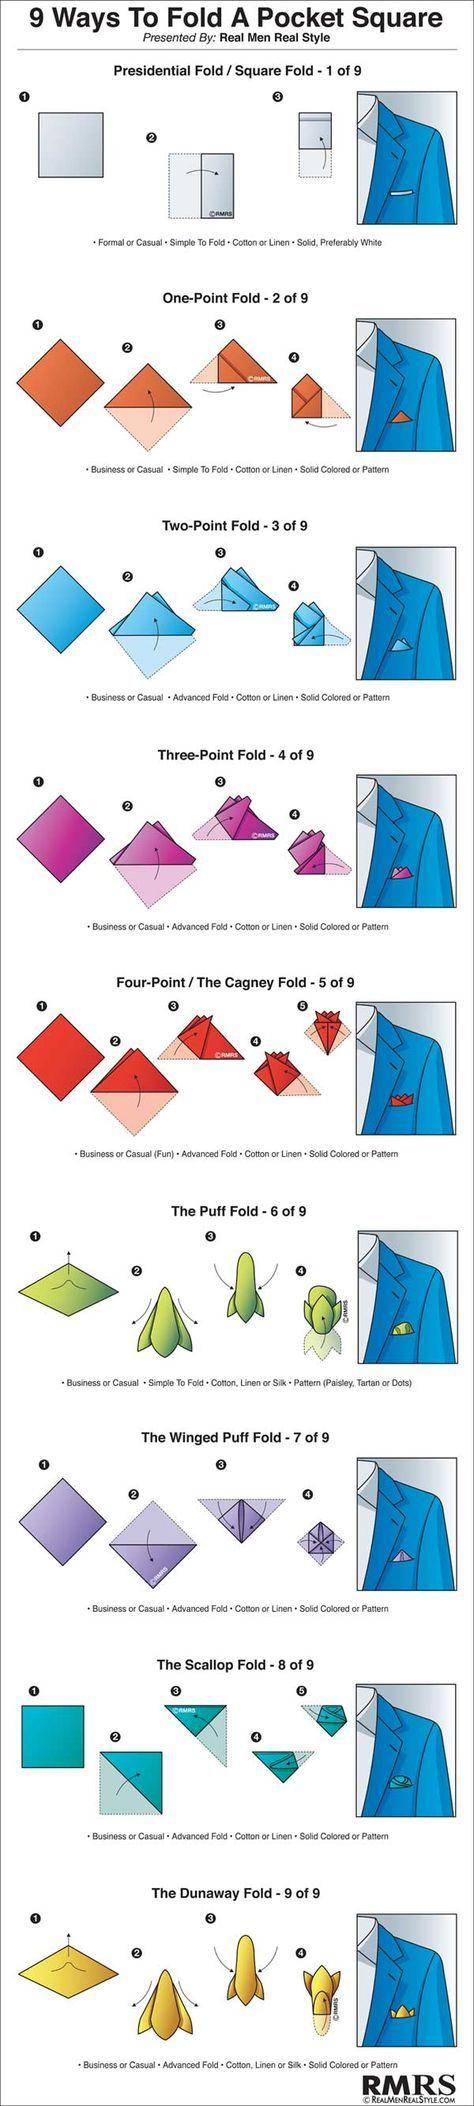 9 façons de mettre une pochette ...utile